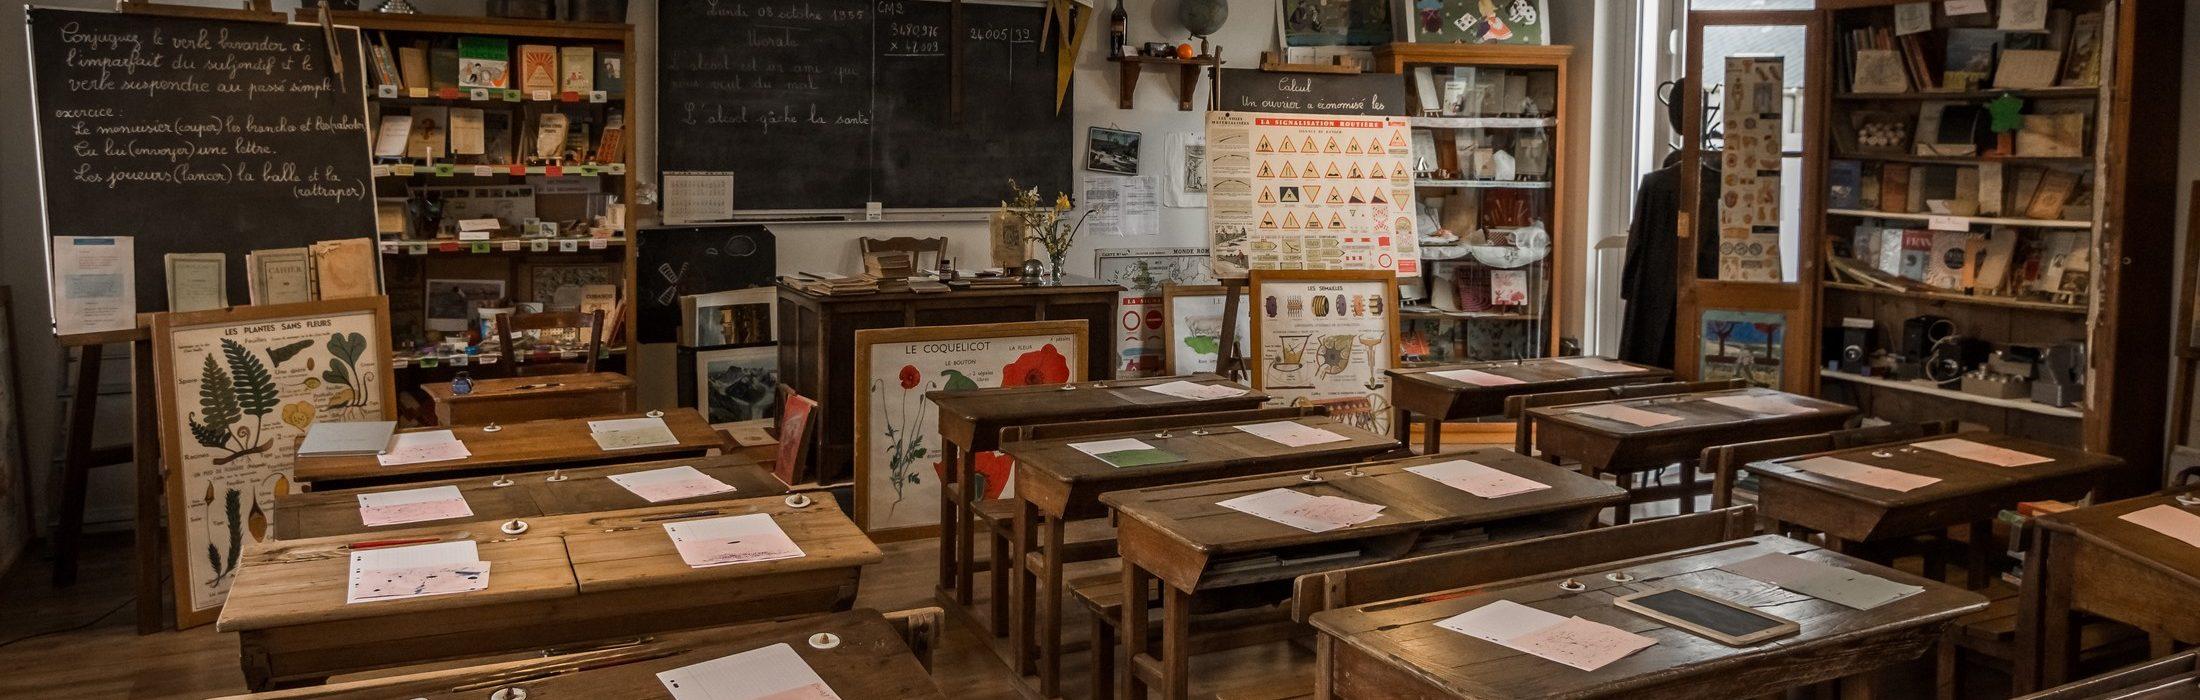 Reconstitution d'une classe des années 50 avec ses tableaux noirs, ses pupitres en bois, ses armoires remplies d'objets scolaires. Les visiteurs accueillis par 1